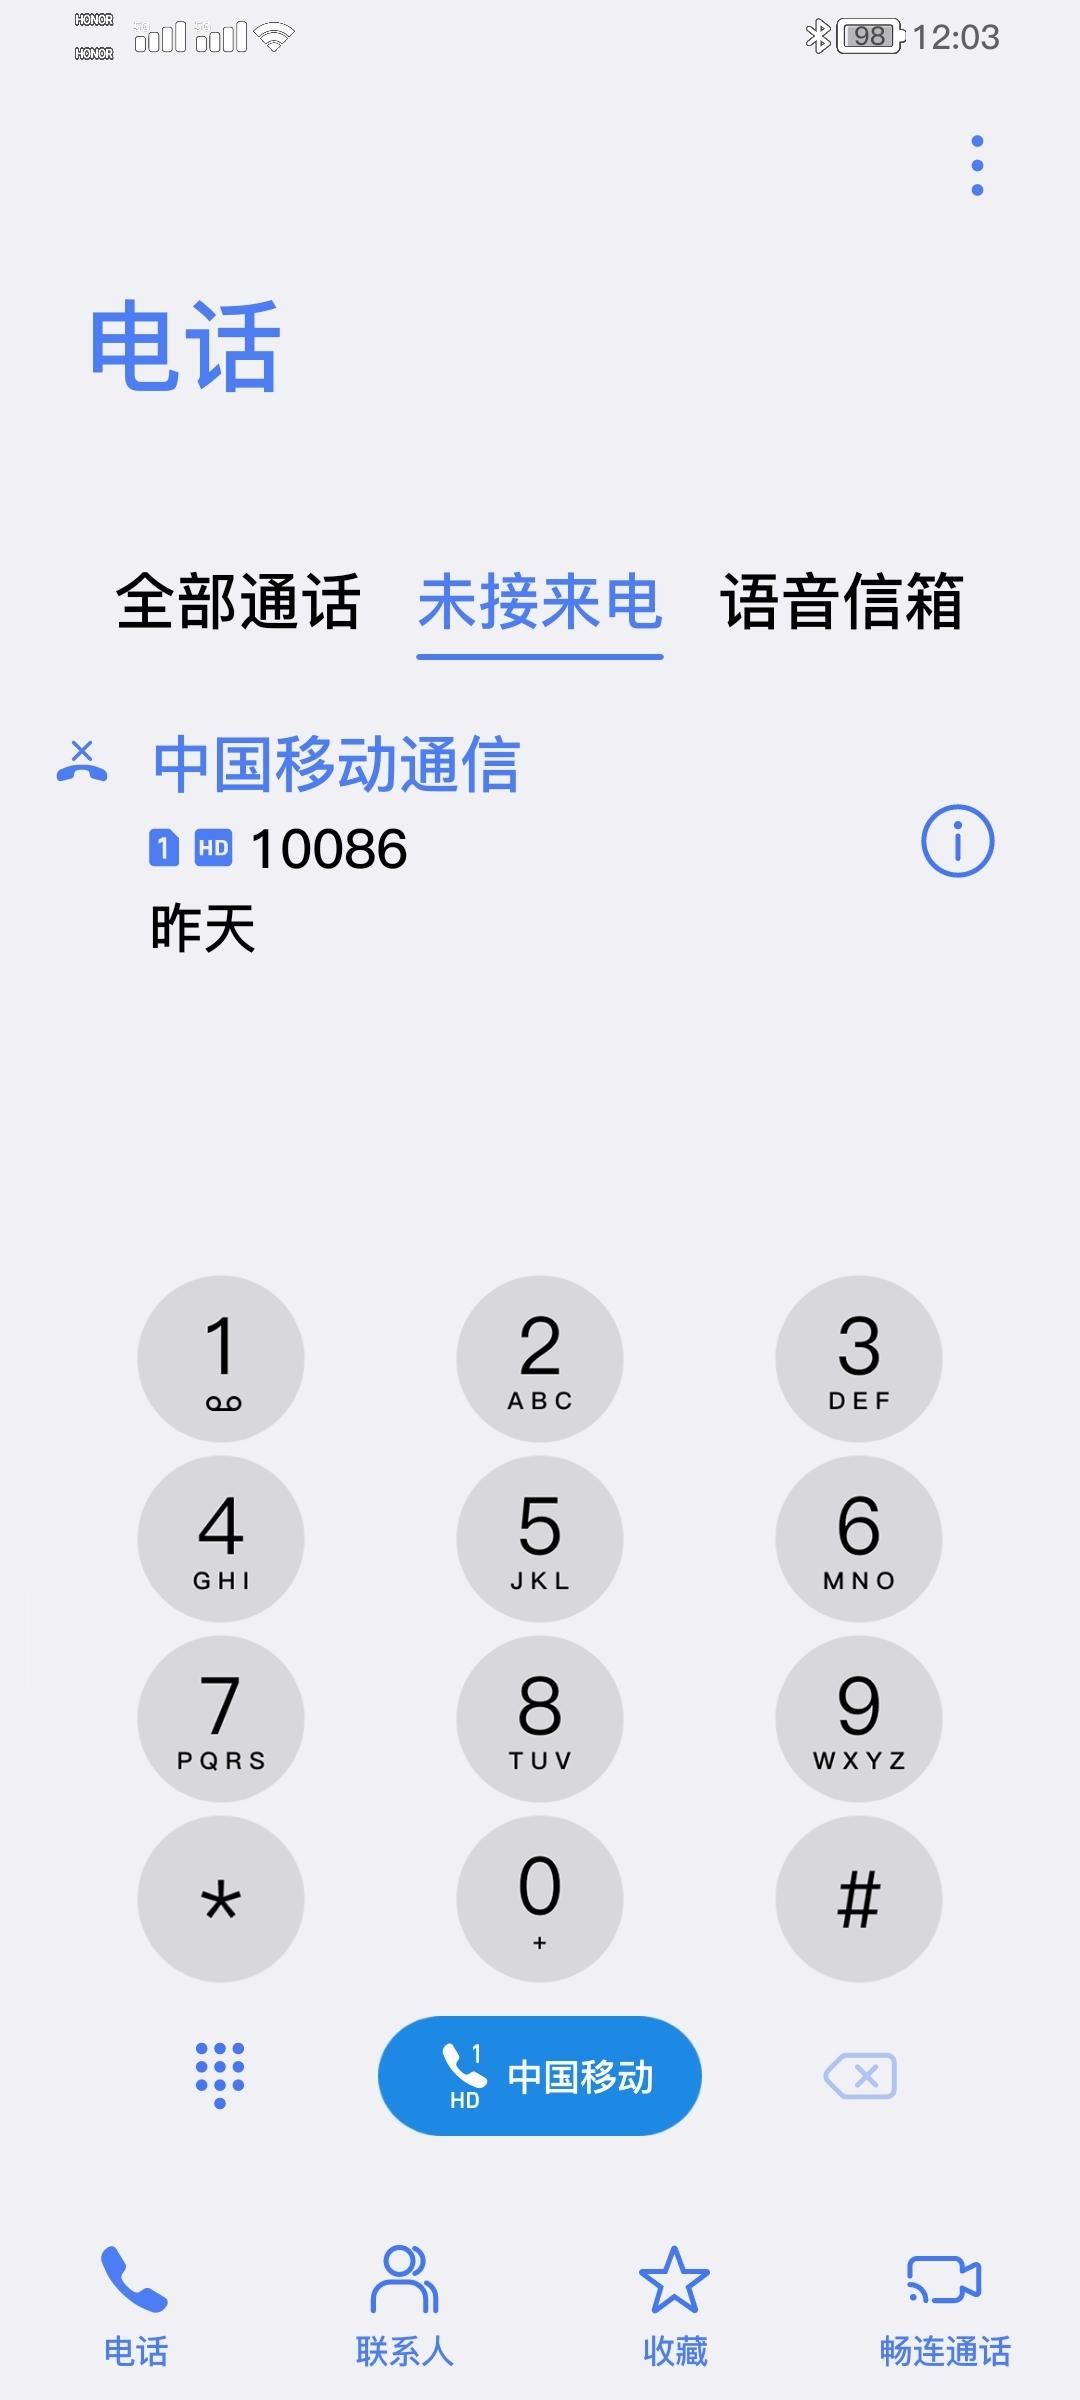 Screenshot_20200729_120326_com.huawei.contacts.jpg